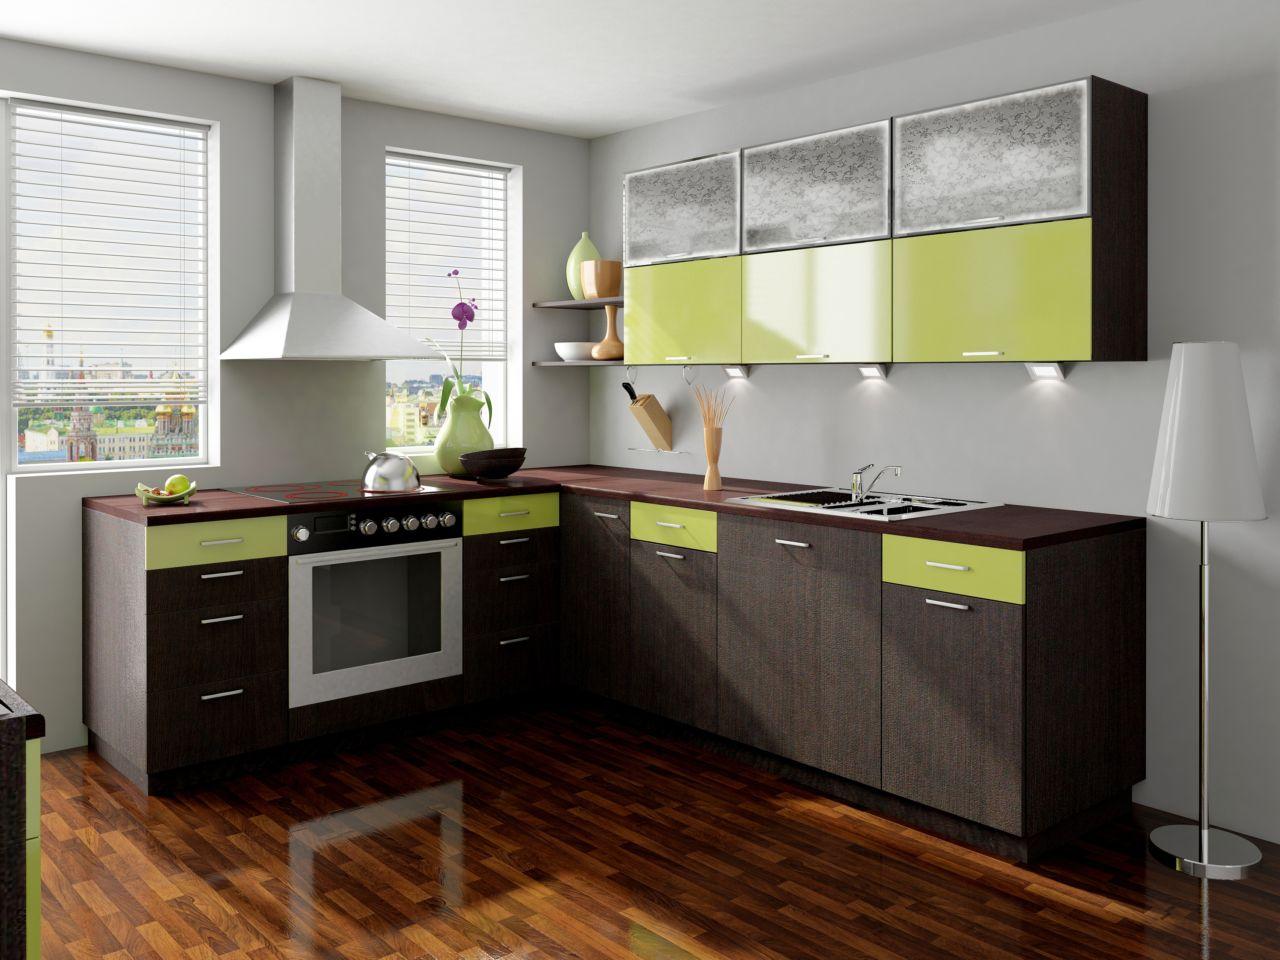 Салатовый и цвет венге в дизайне кухни